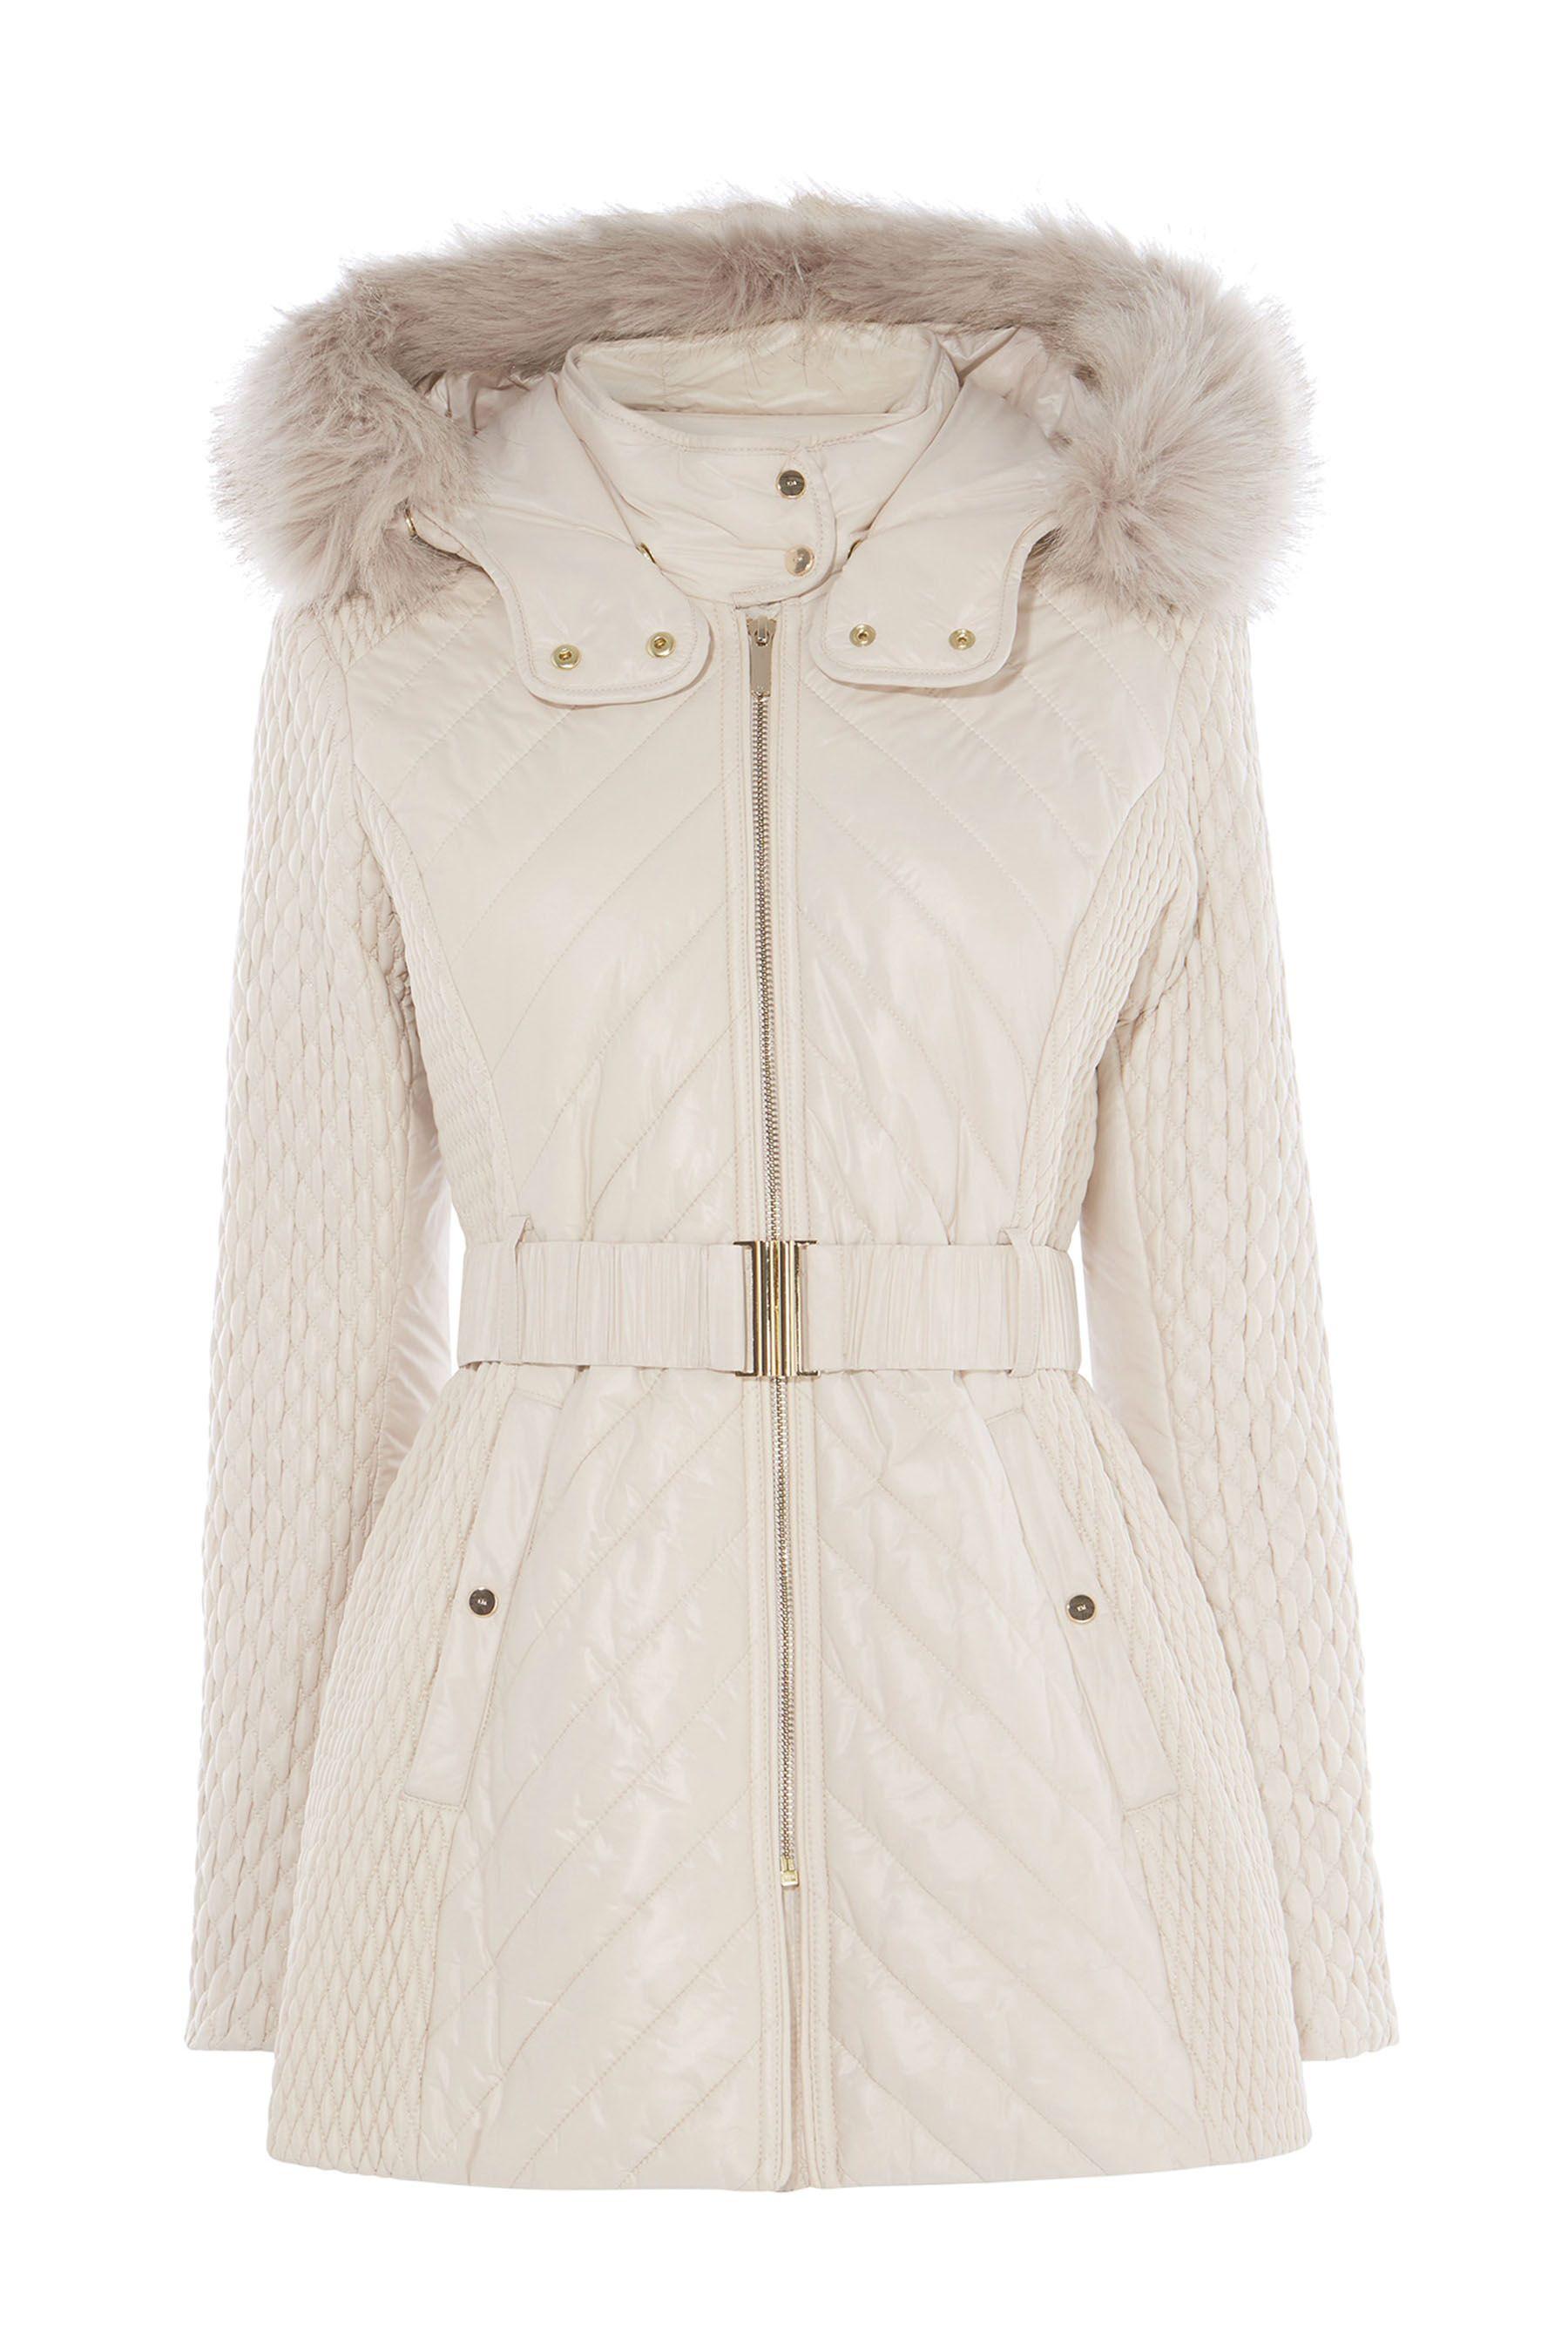 b36d621a3d0 Womens Karen Millen White Lightweight Padded Coat - White | Products ...